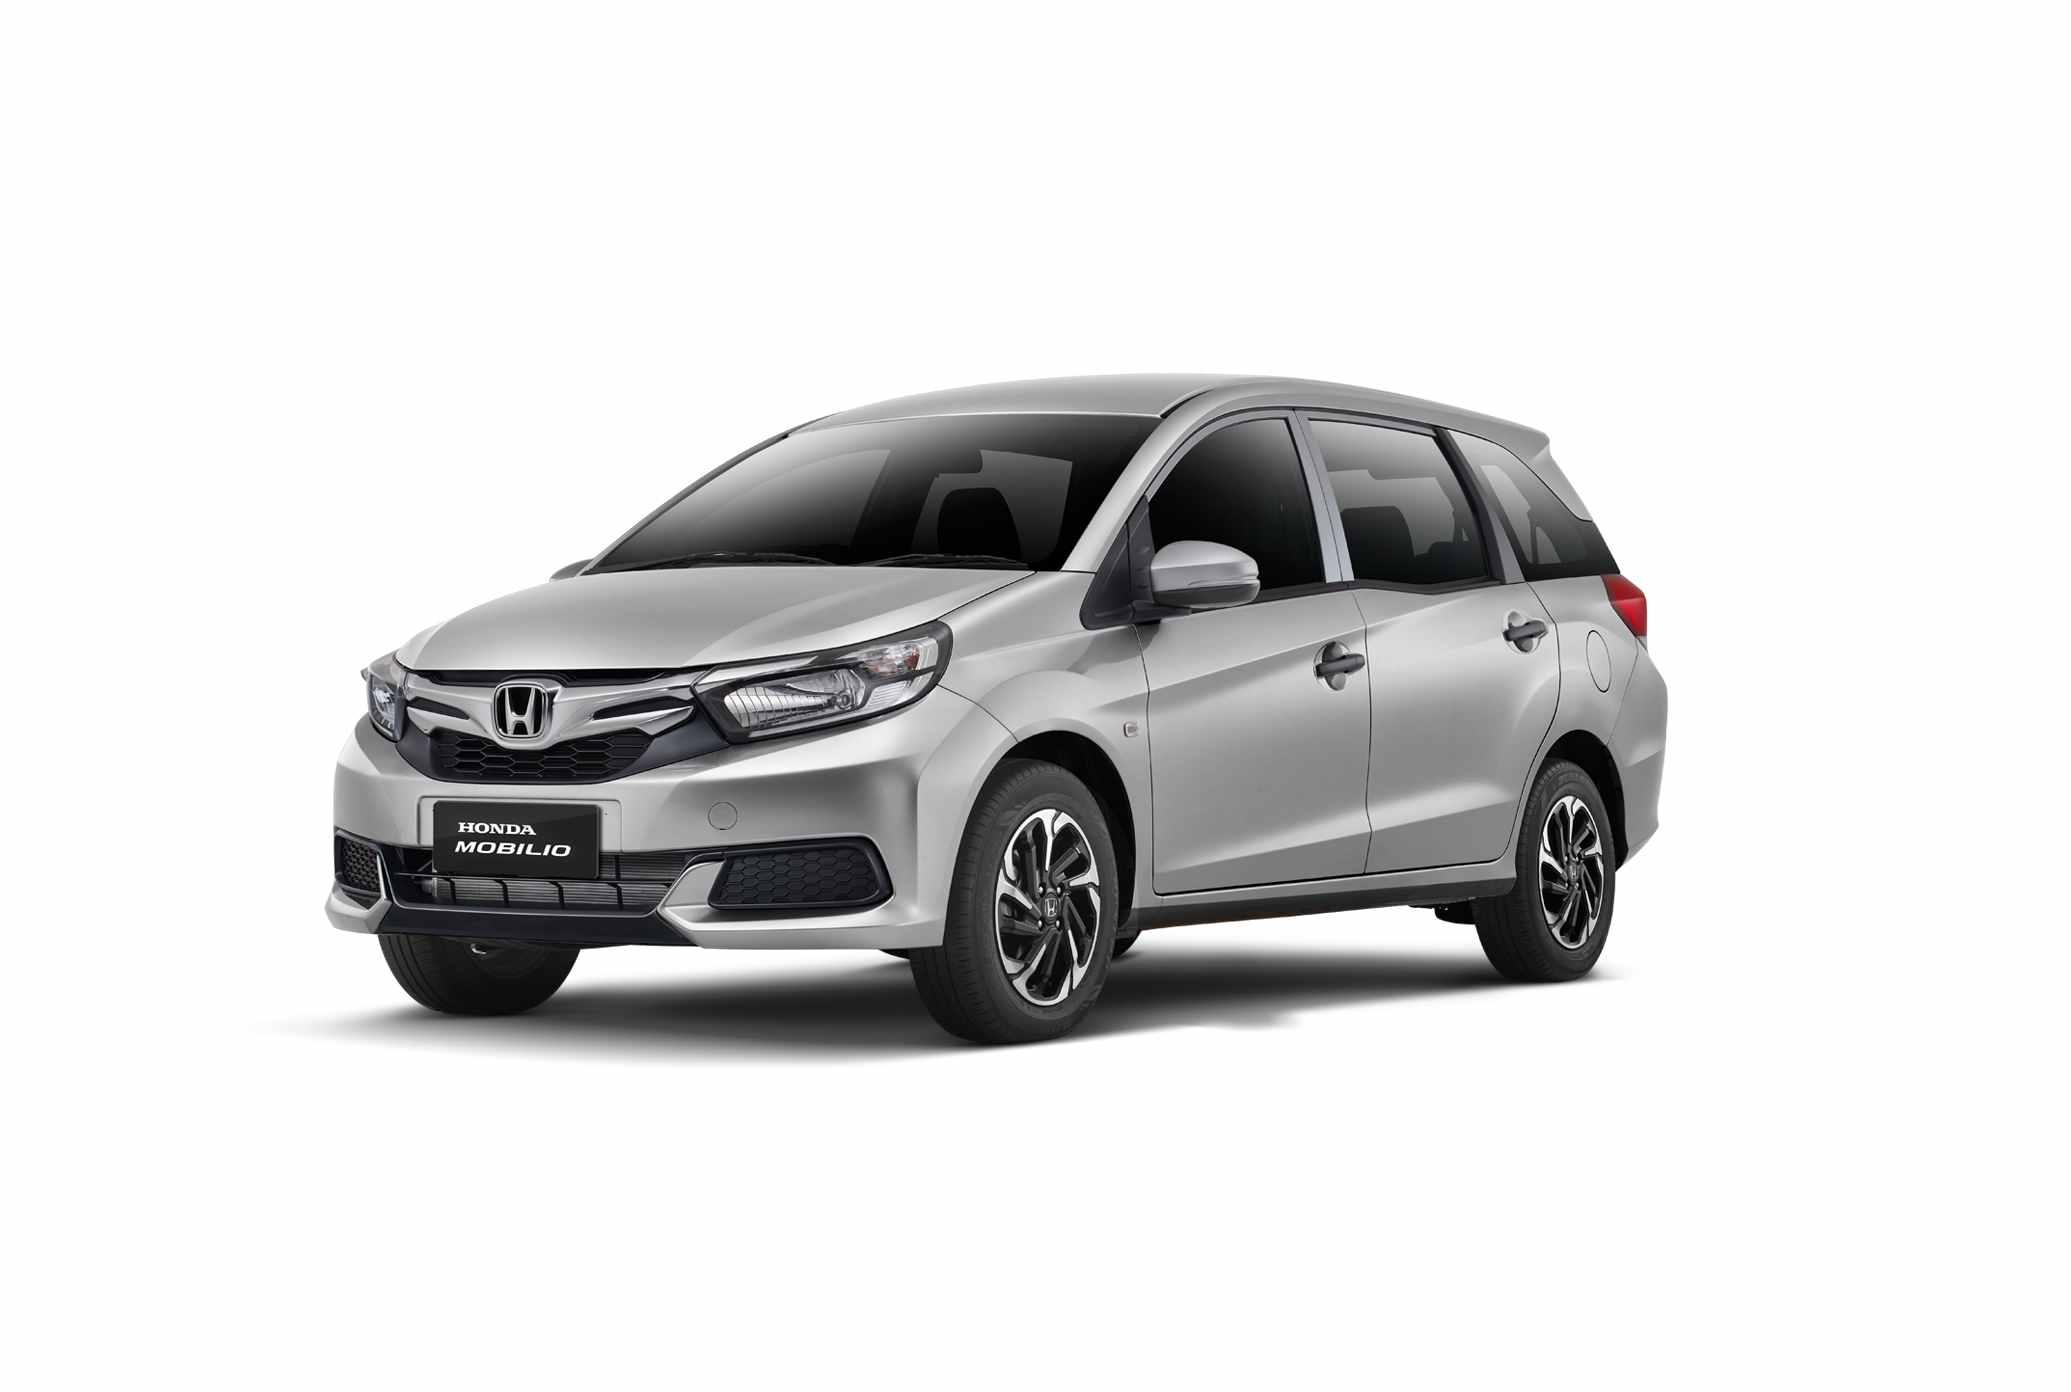 Kelebihan Kekurangan Harga Mobil Mobilio Baru Review